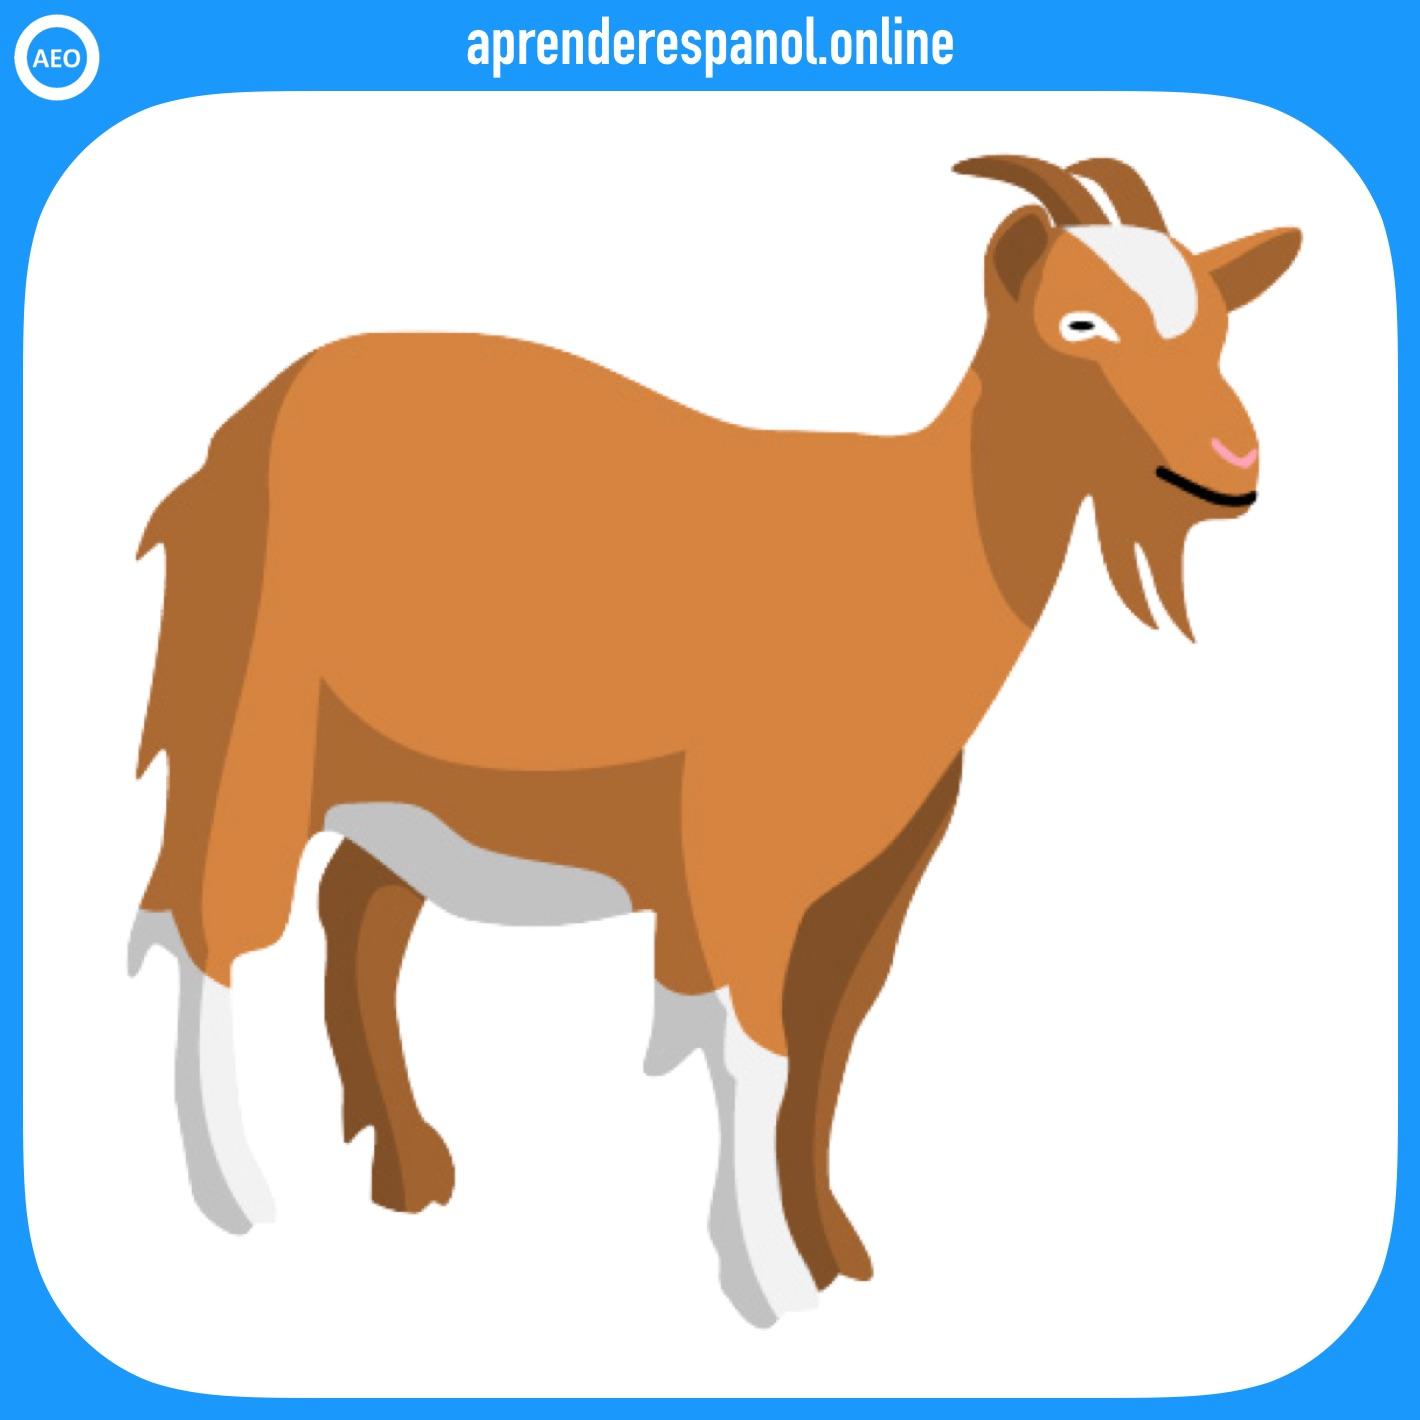 cabra | animales en español | vocabulario de los animales en español